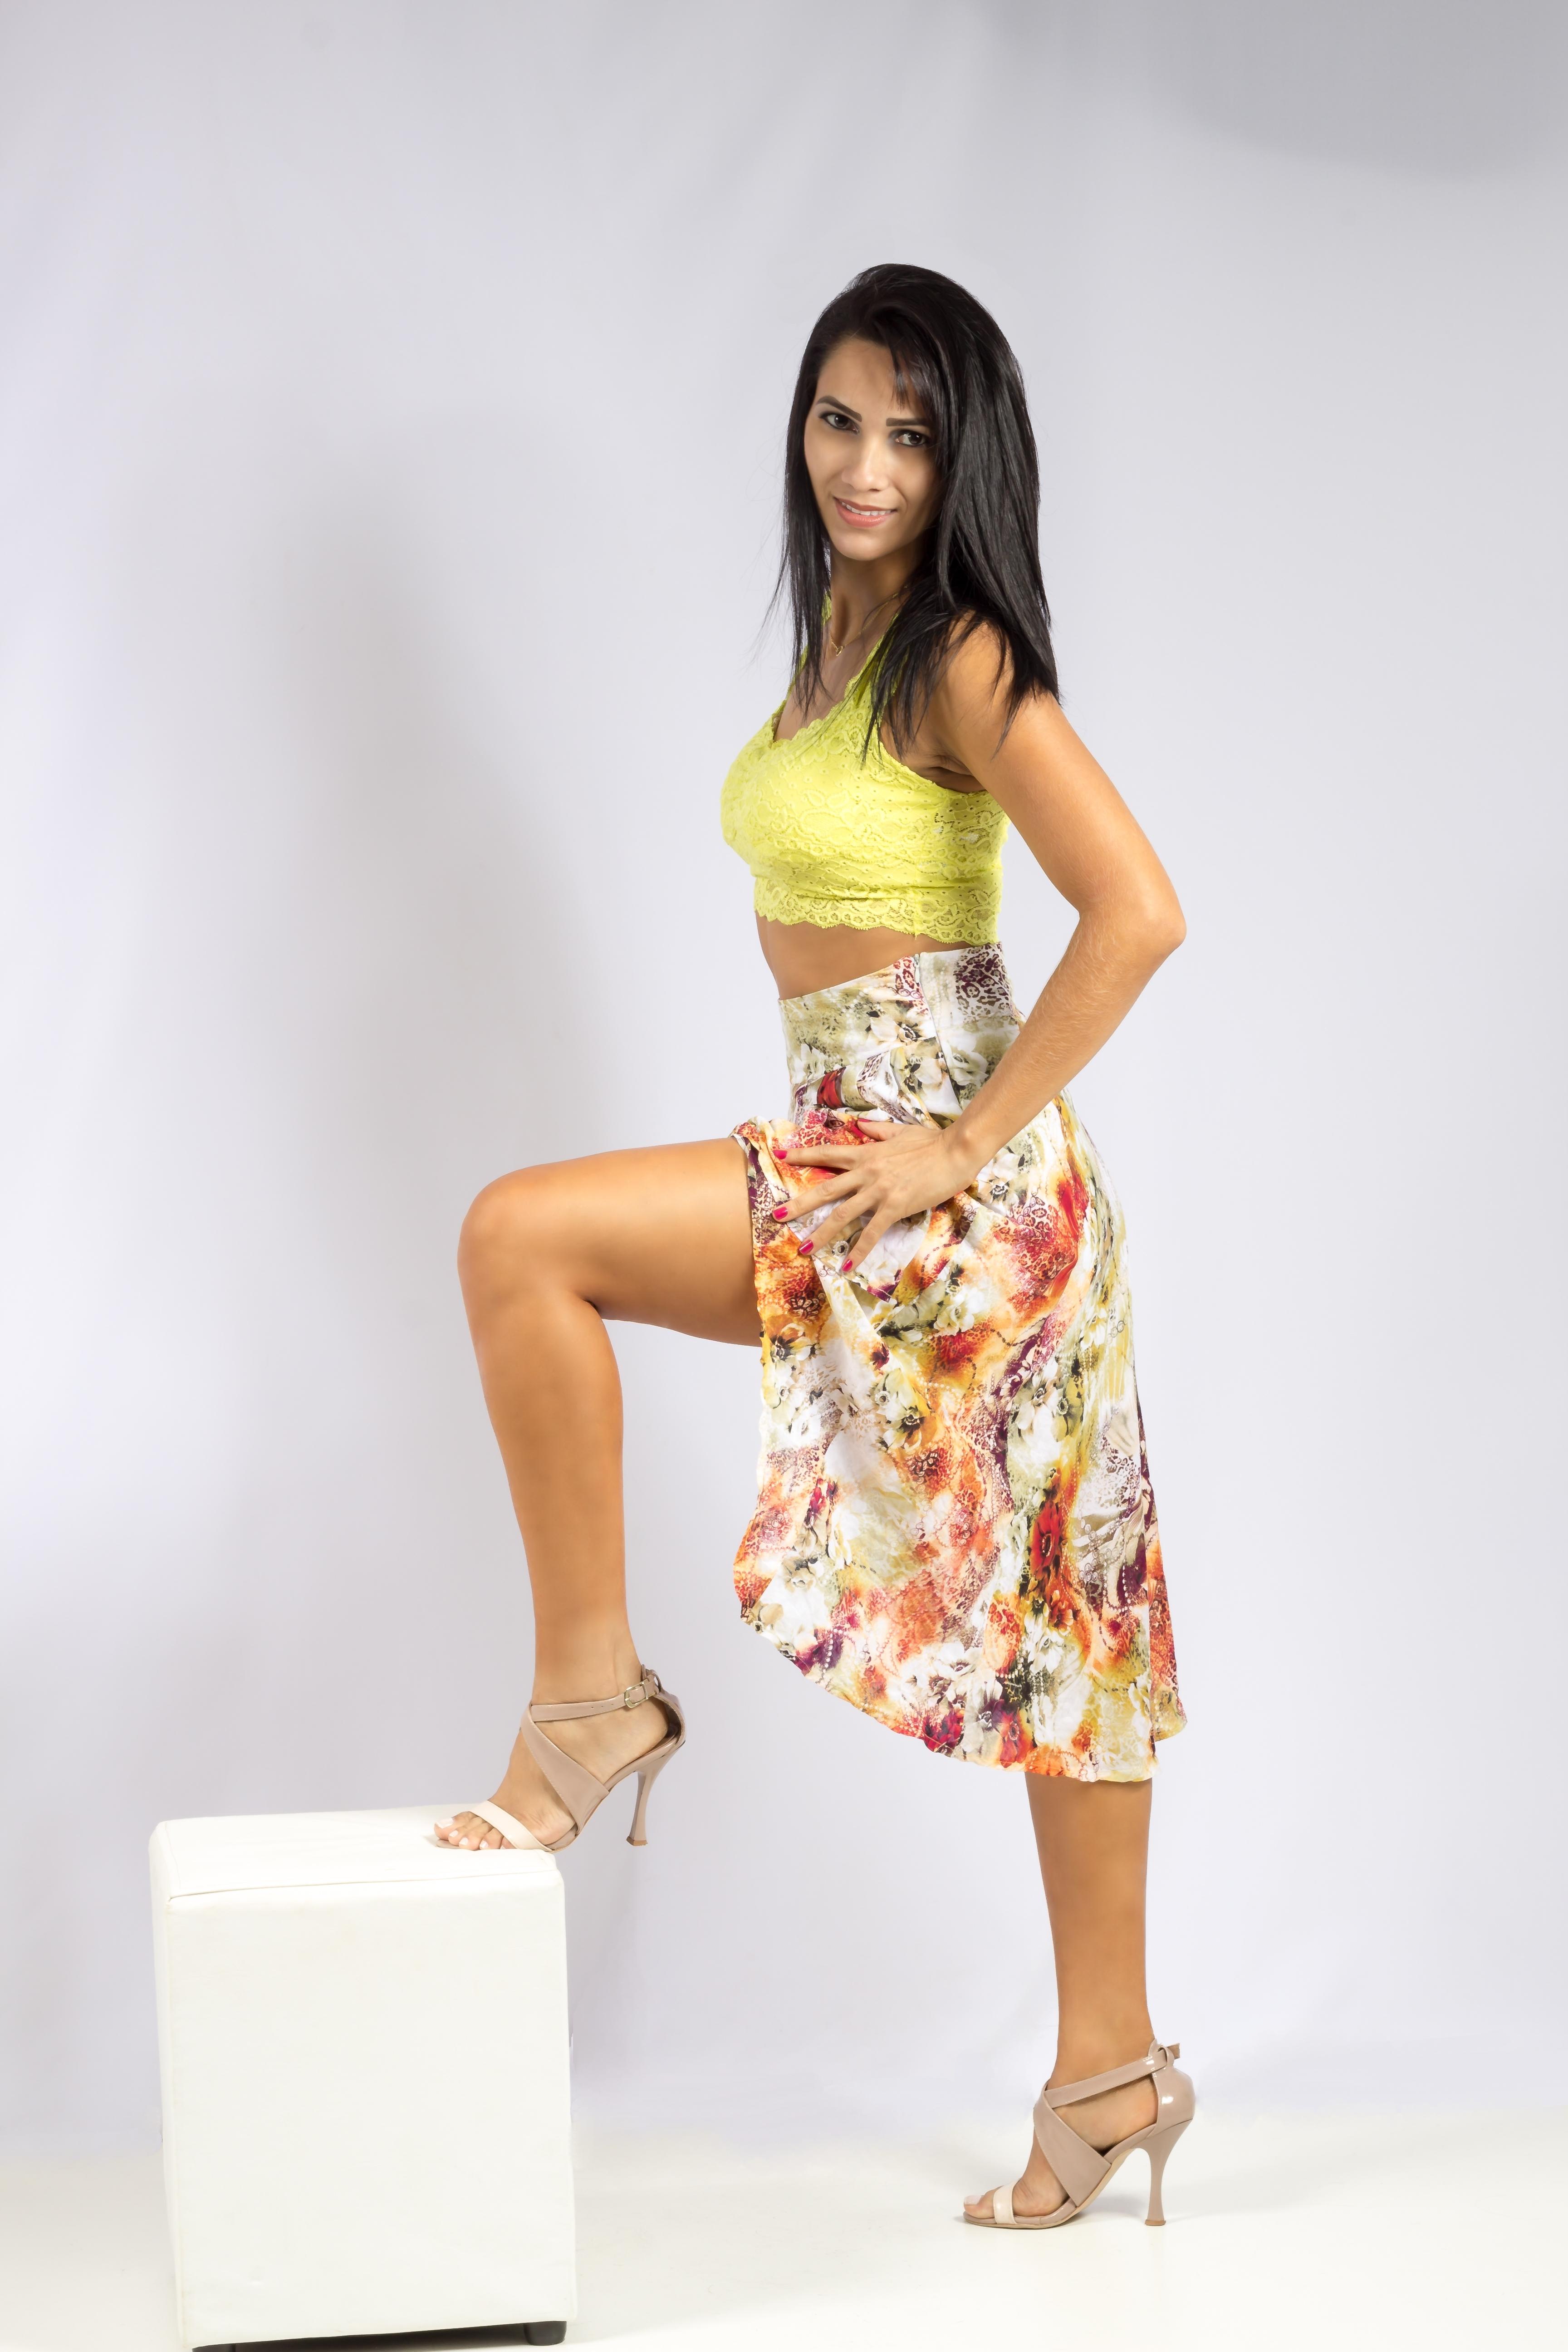 Josiane Xavier